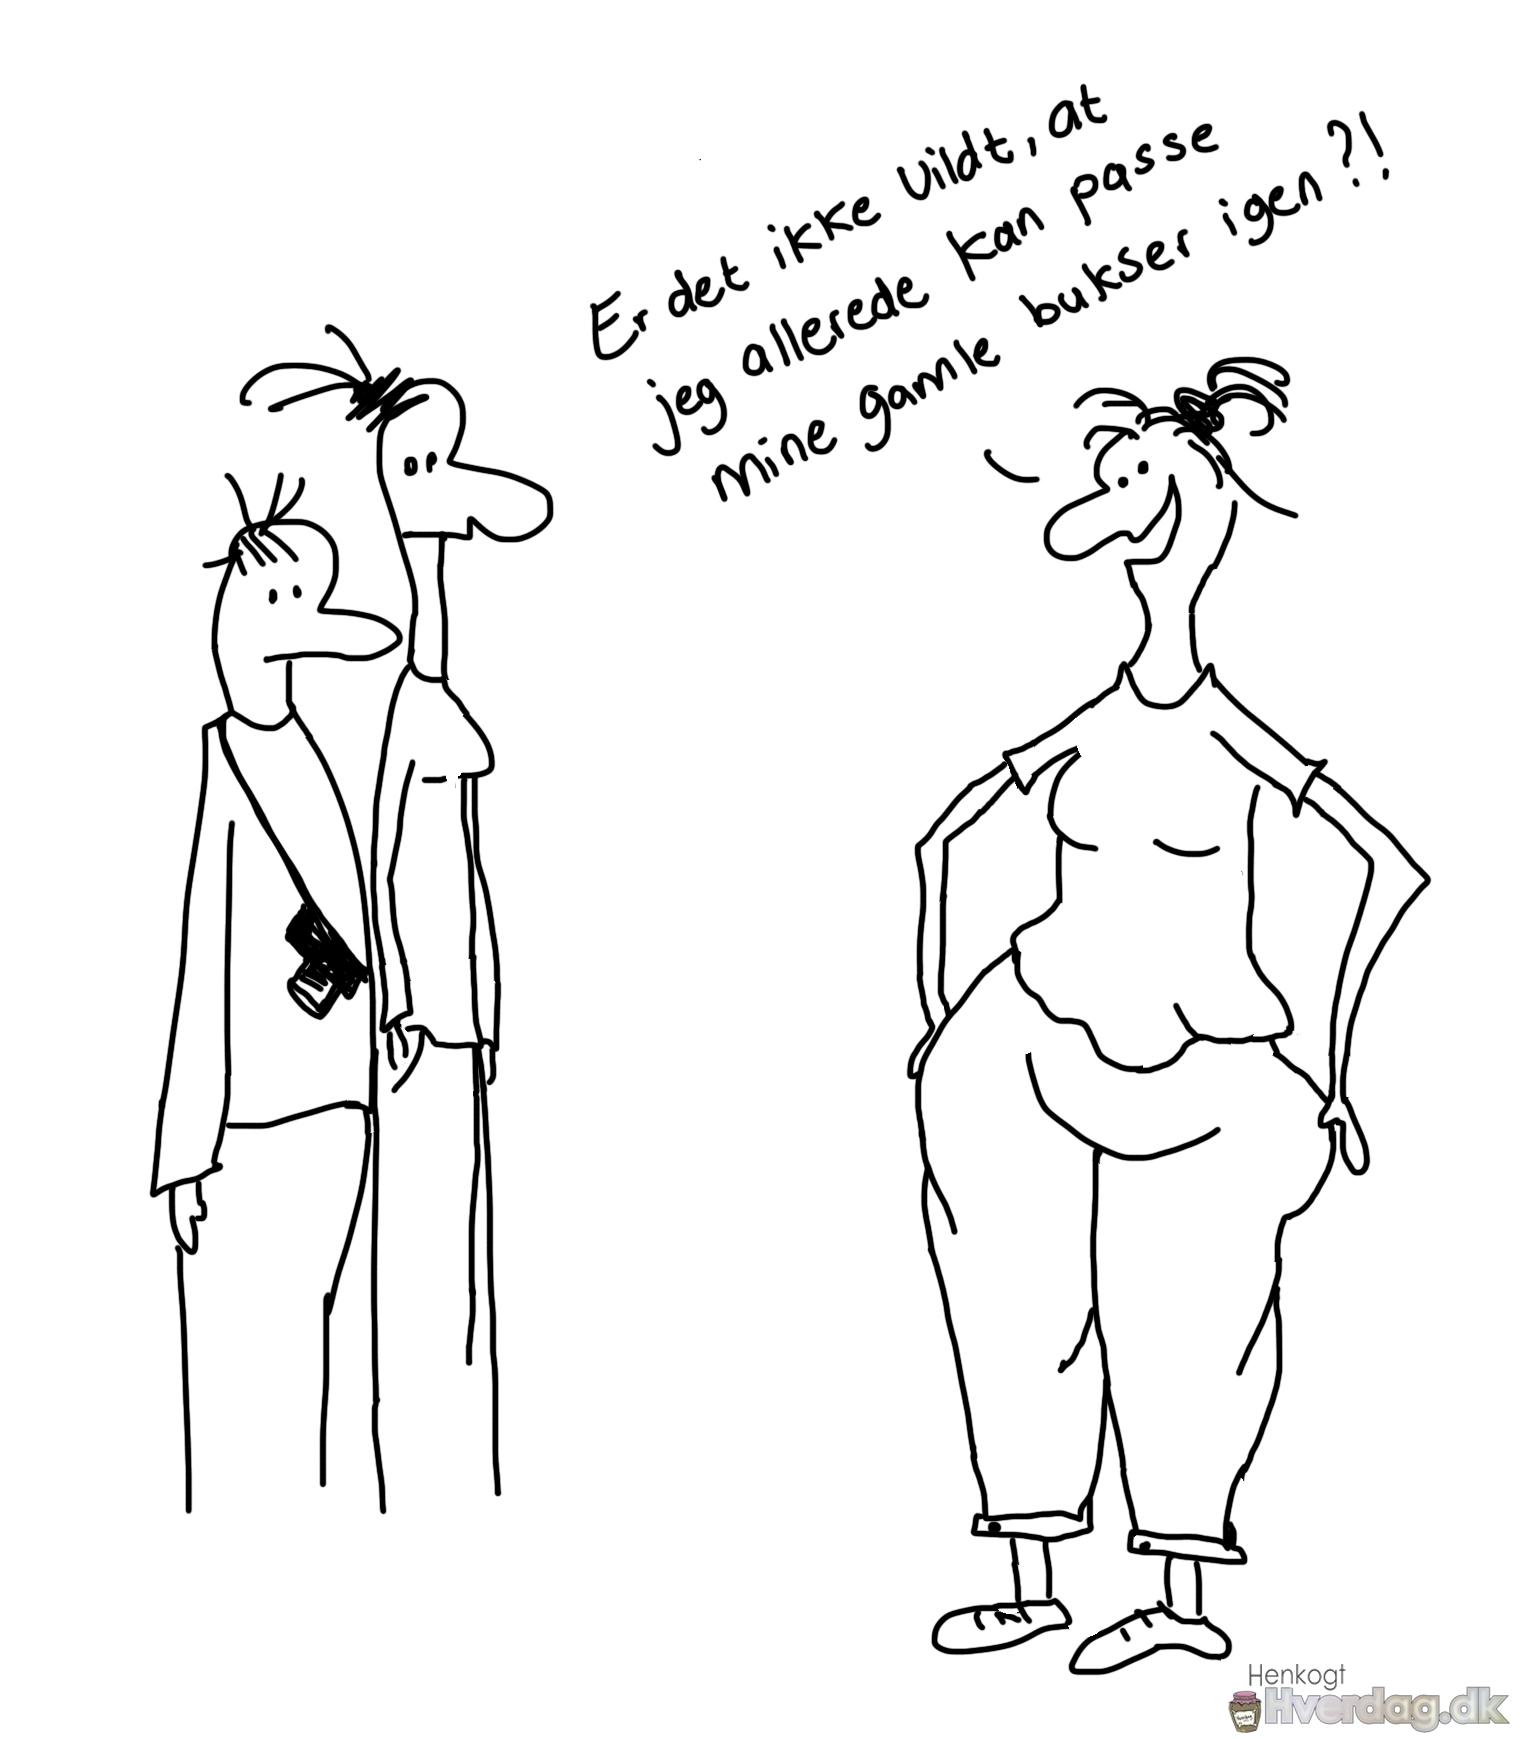 For-små-bukser